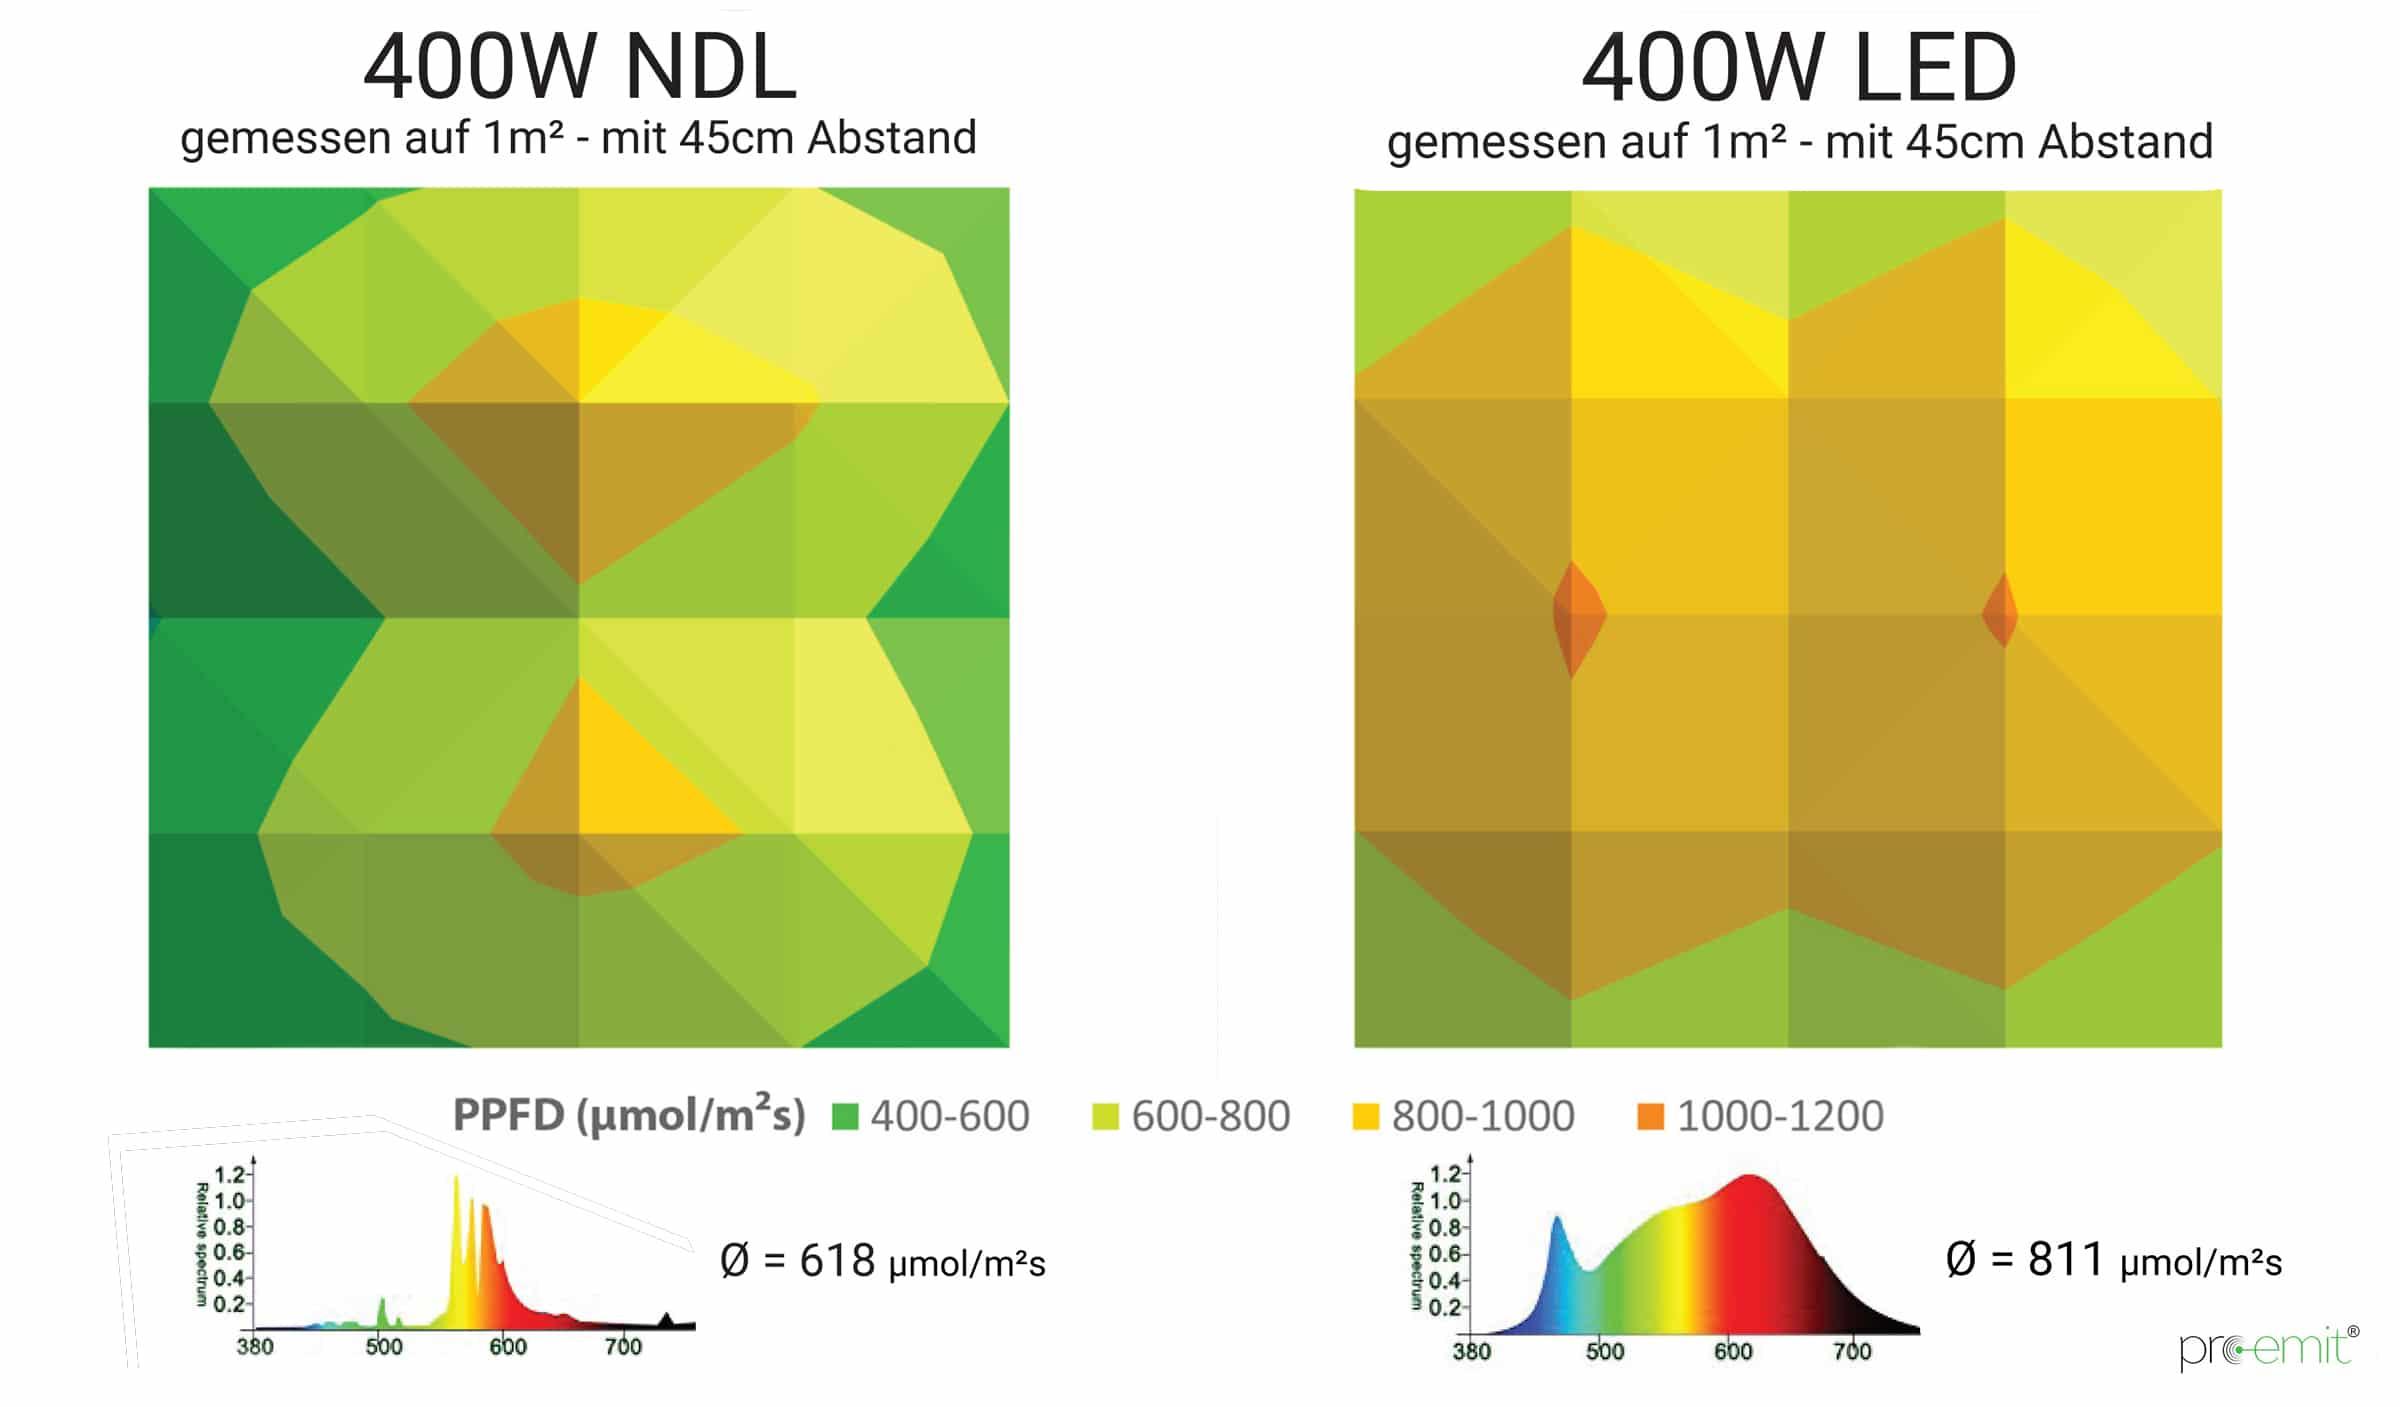 NDL vs. LED